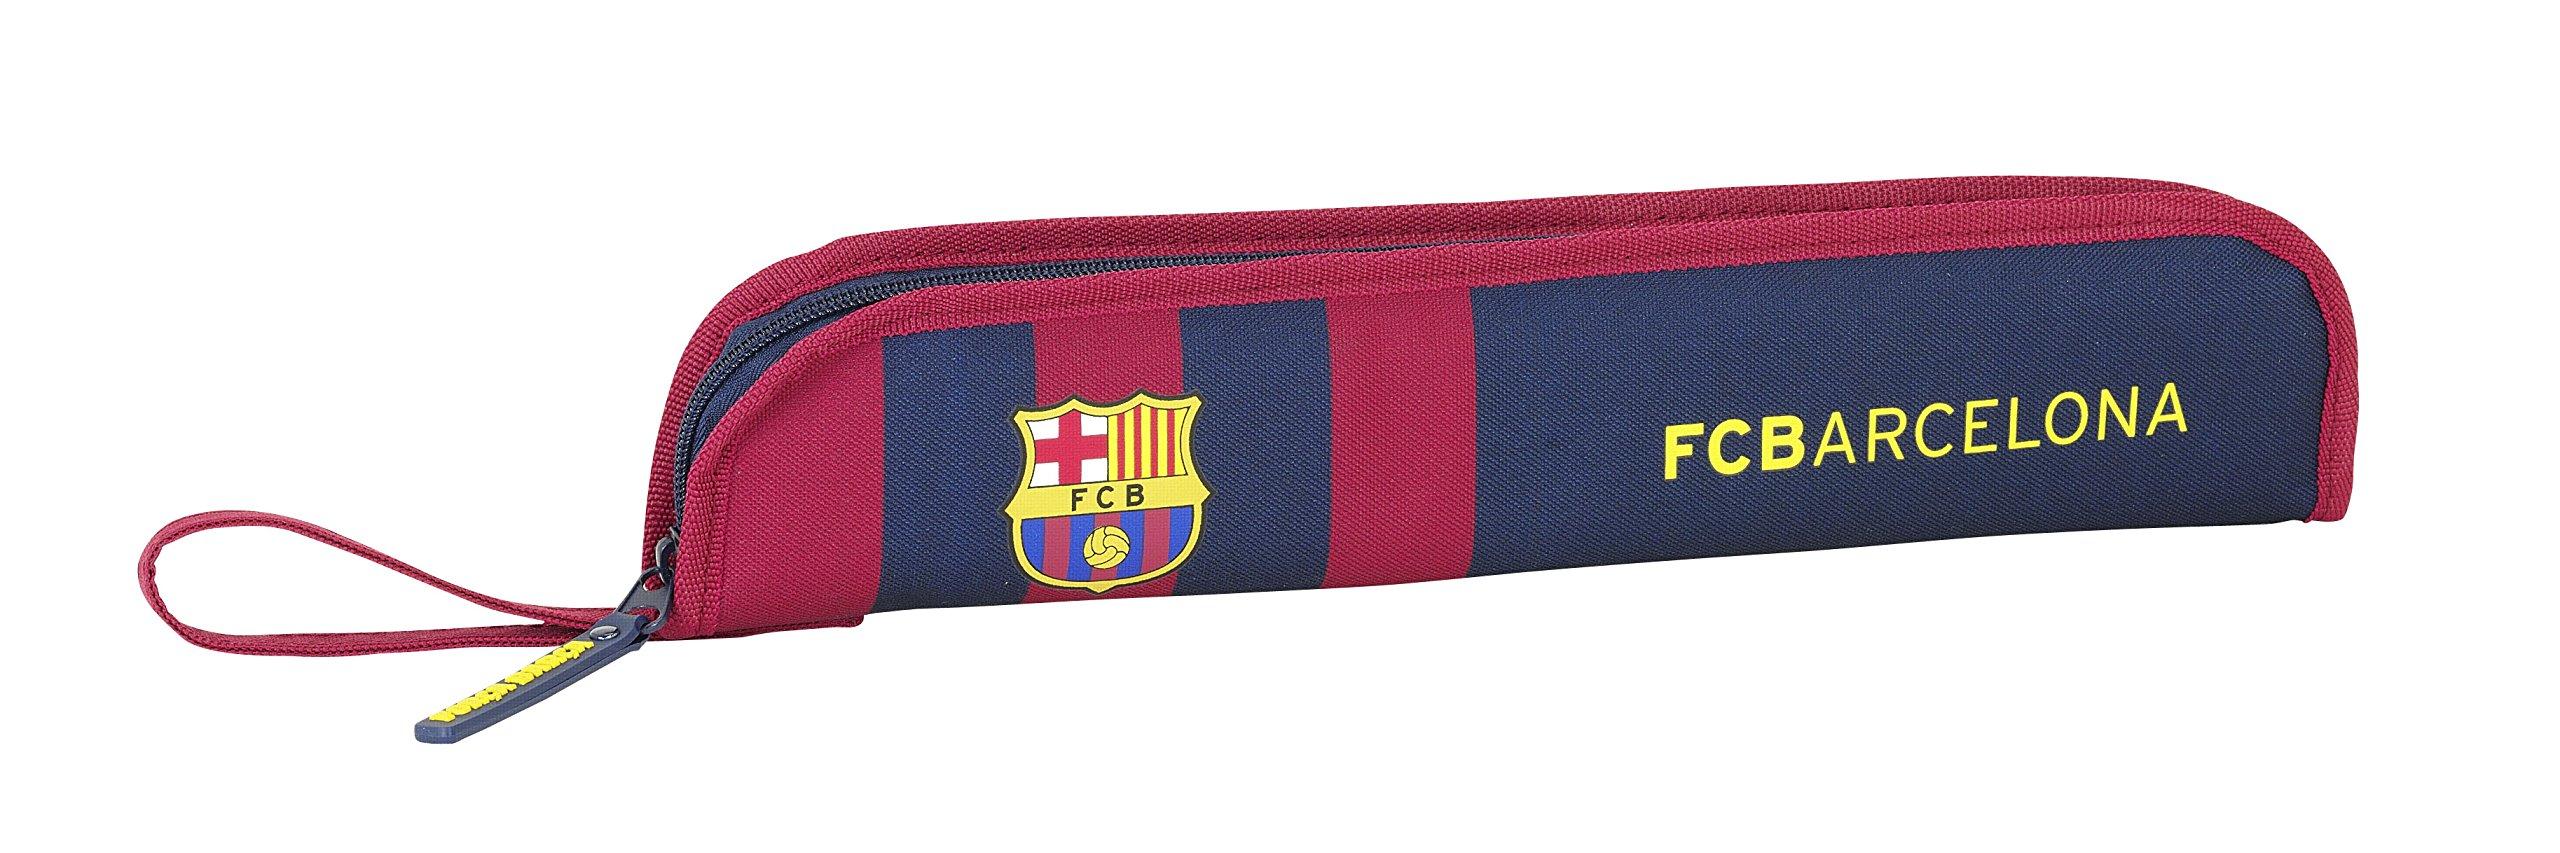 Safta Futbol Club Barcelona – Portaflautas 811525284